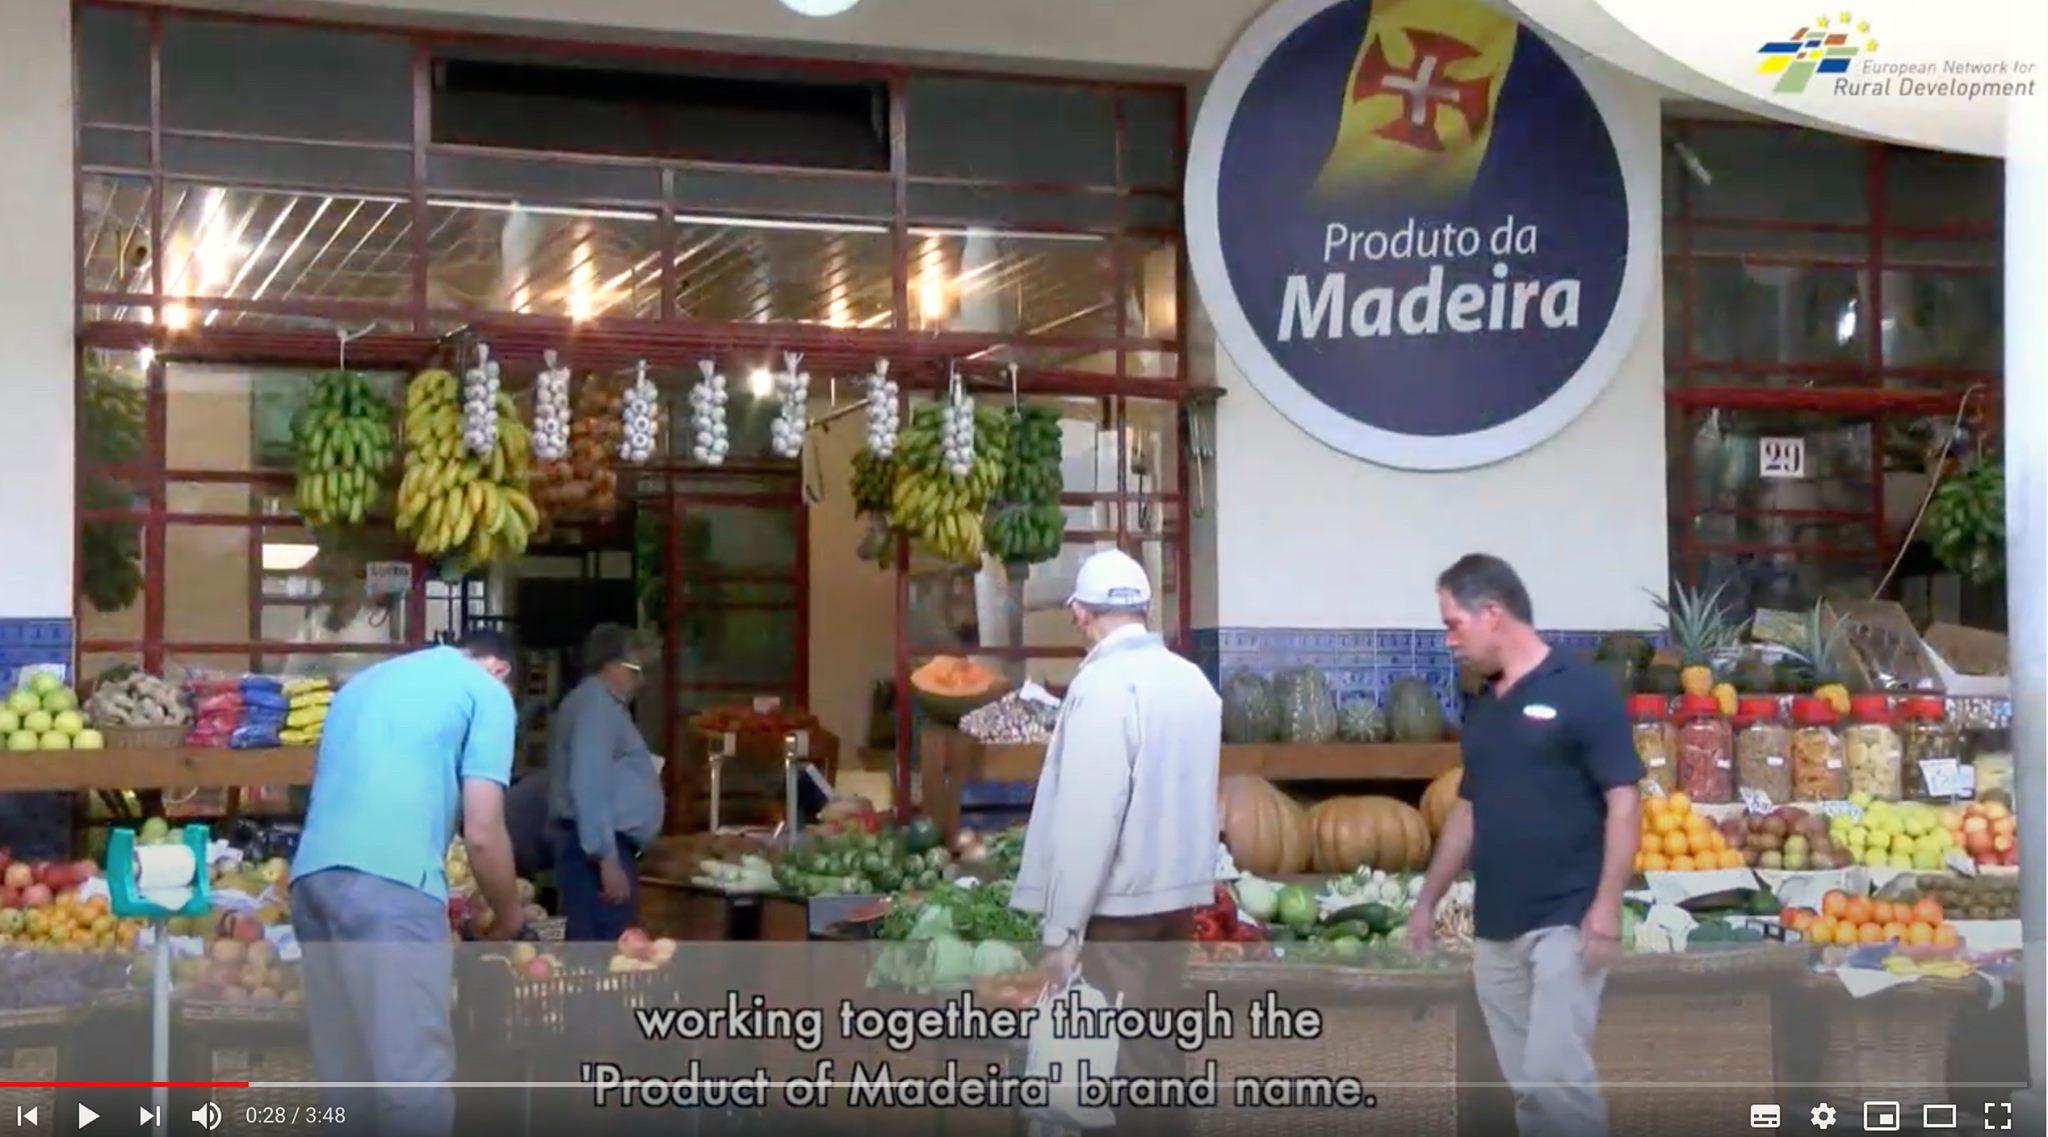 """Как фермери, търговци и власти подкрепят къси вериги за доставки на местни храни под бранда """"Продукт от Мадейра""""?"""